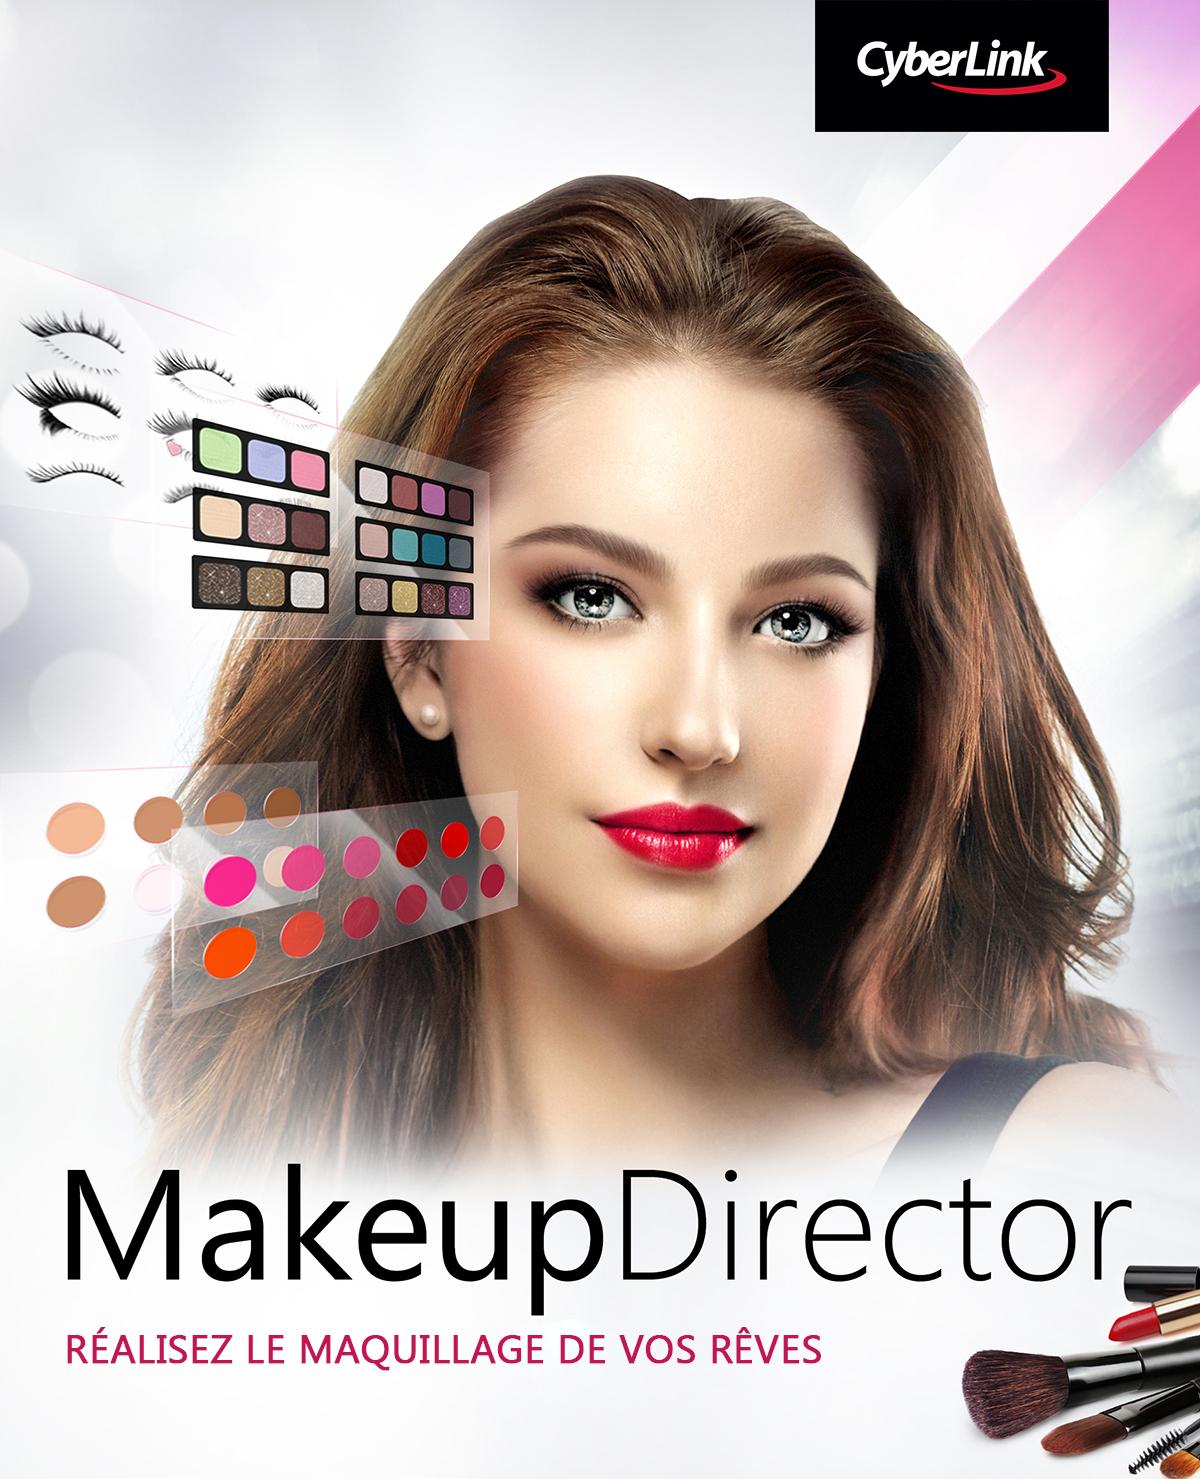 cyberlink-makeupdirector-telechargement